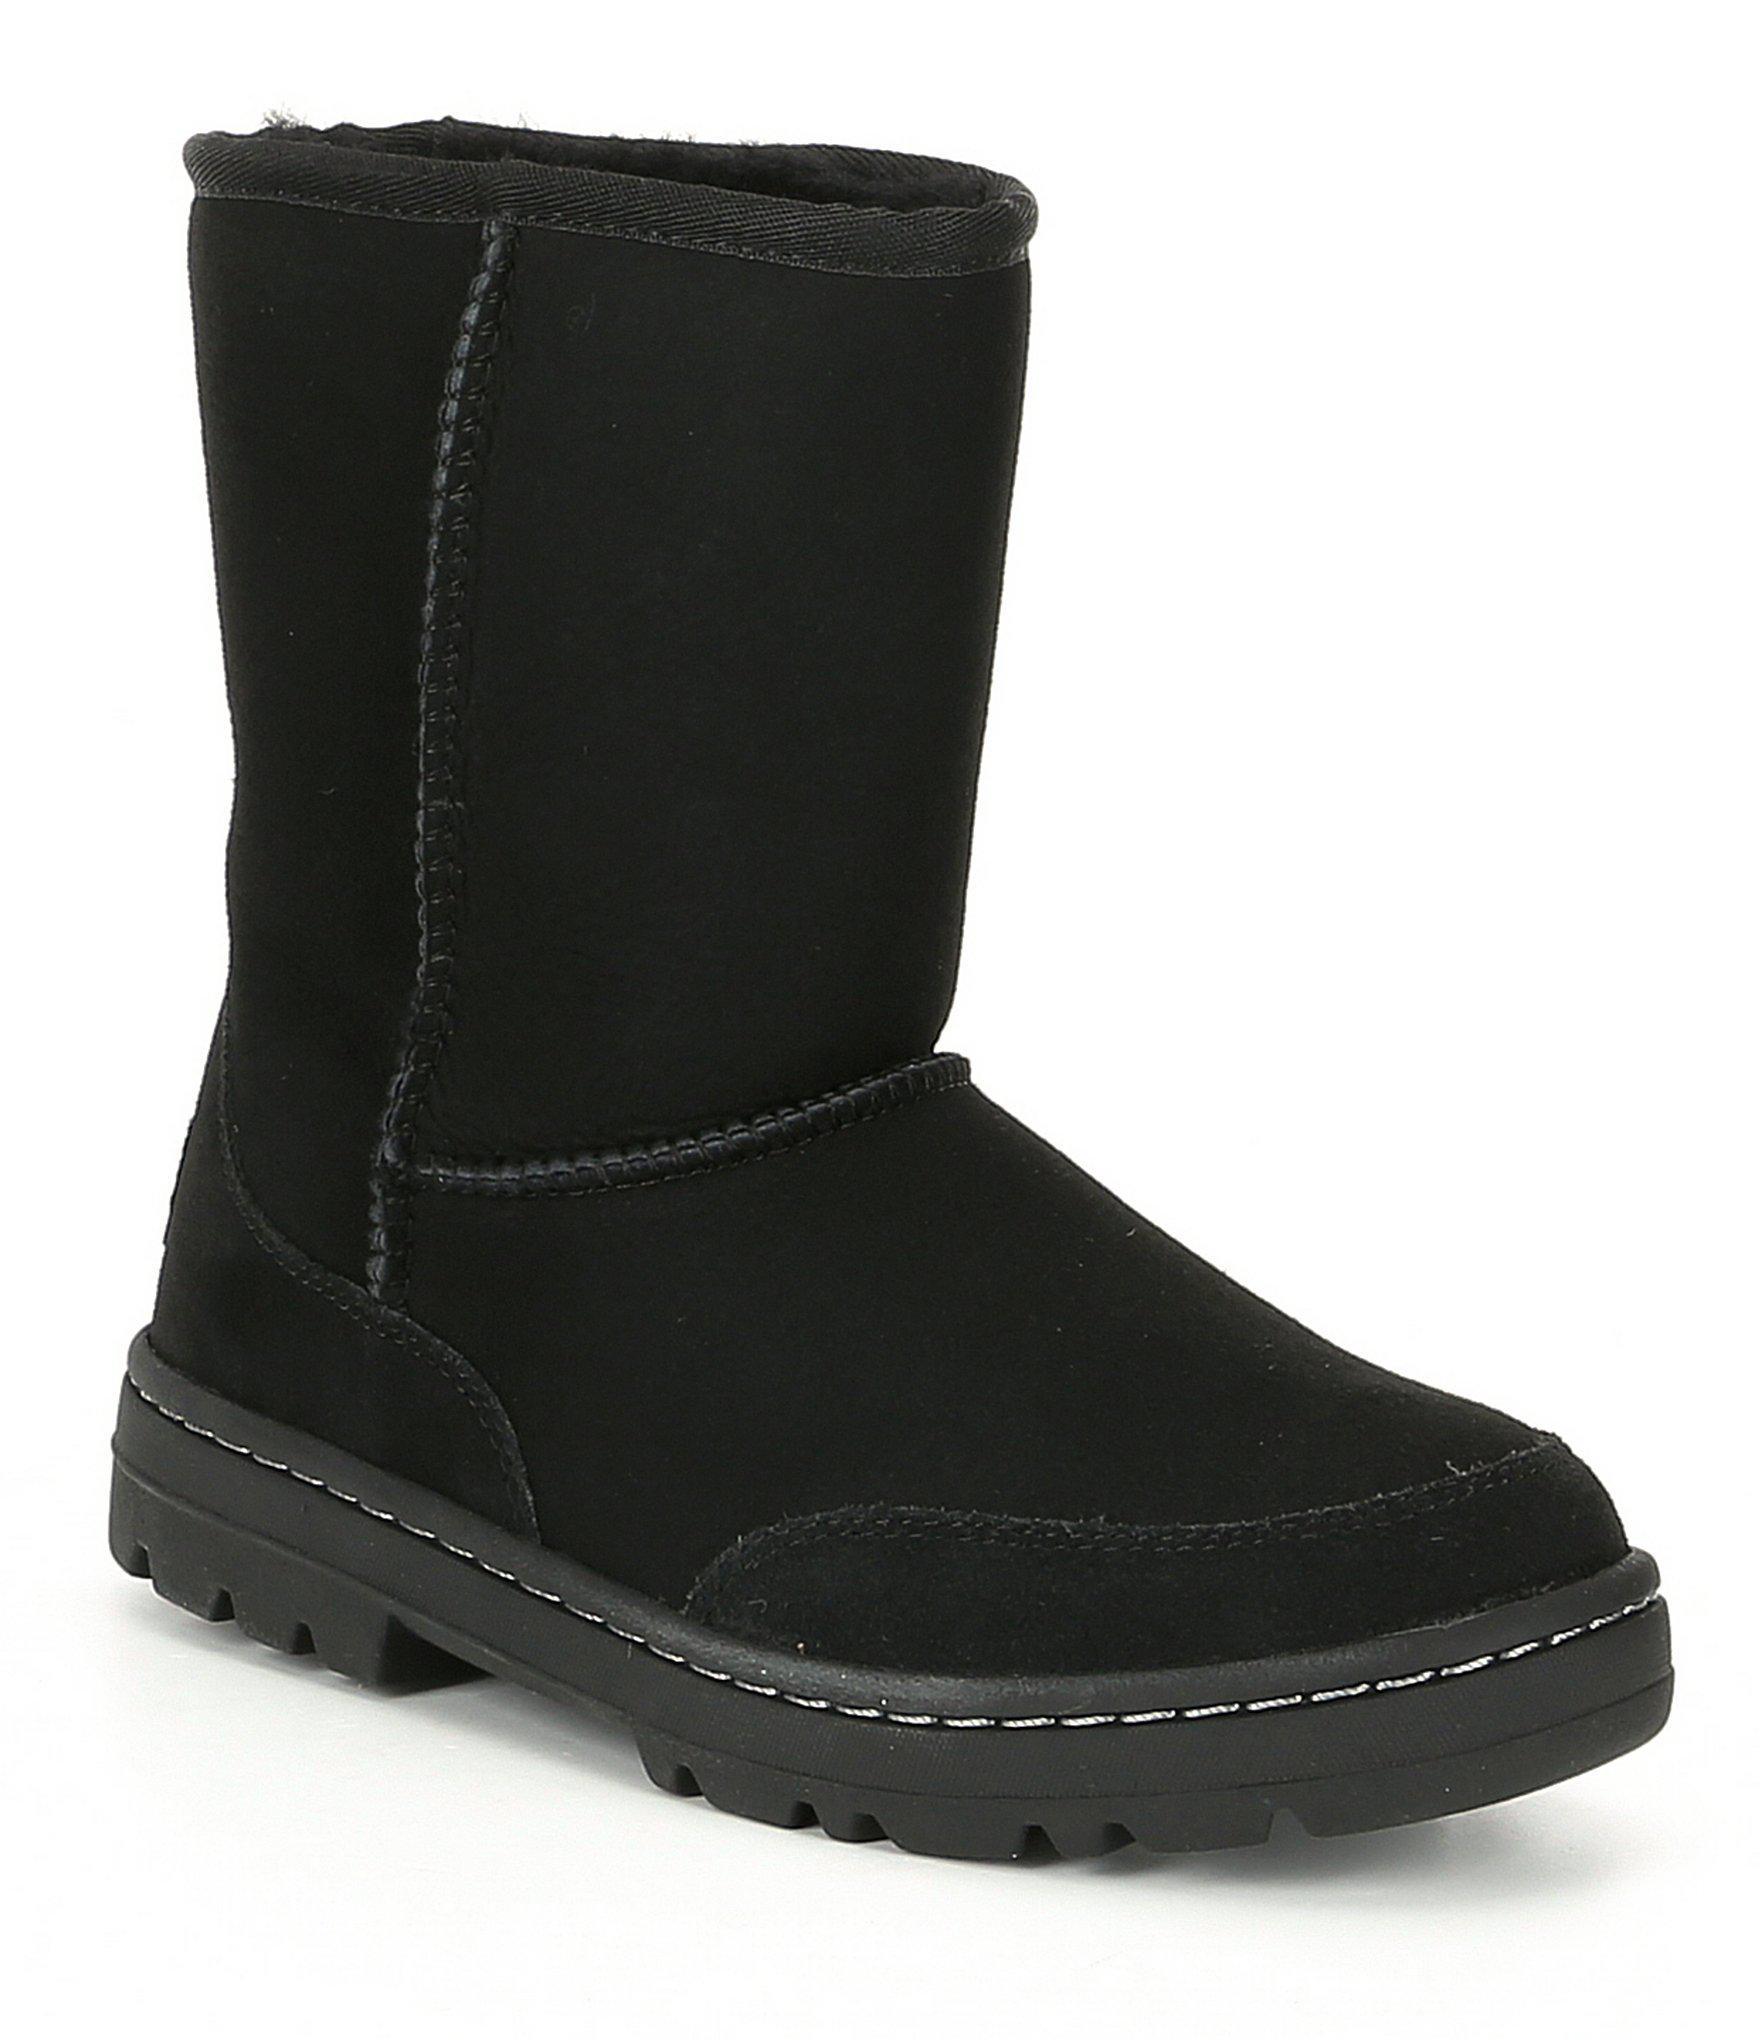 super popular 85649 2fb6e Ugg Black Ultra Short Revival Boots